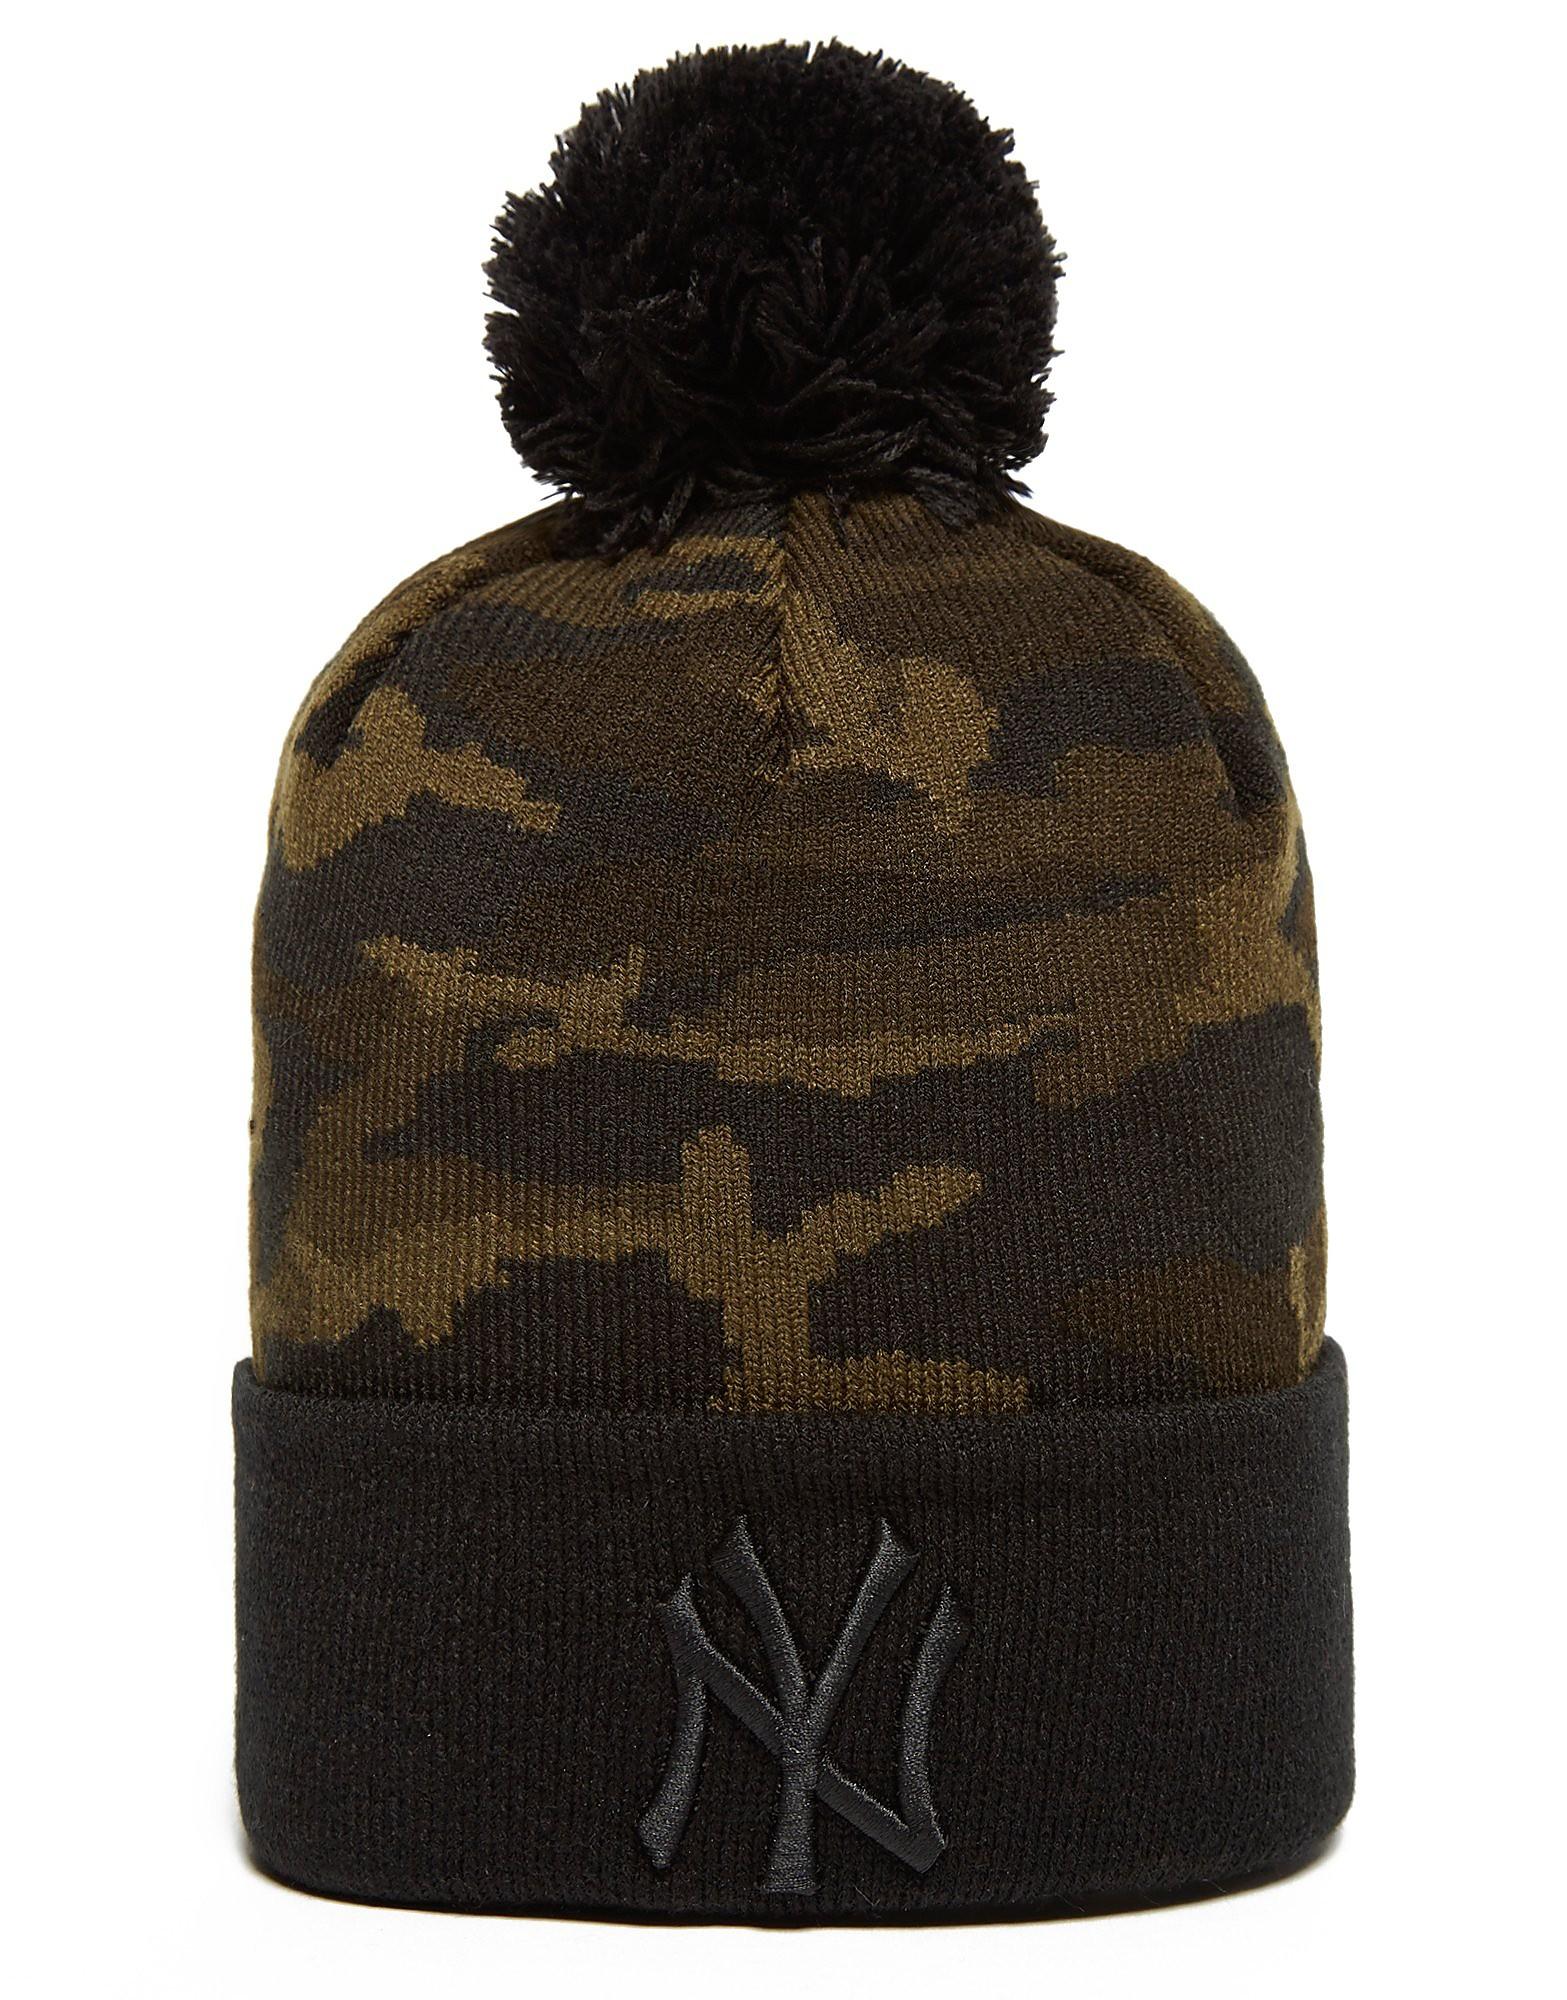 New Era MLB New York Yankees Camo Beanie Hat